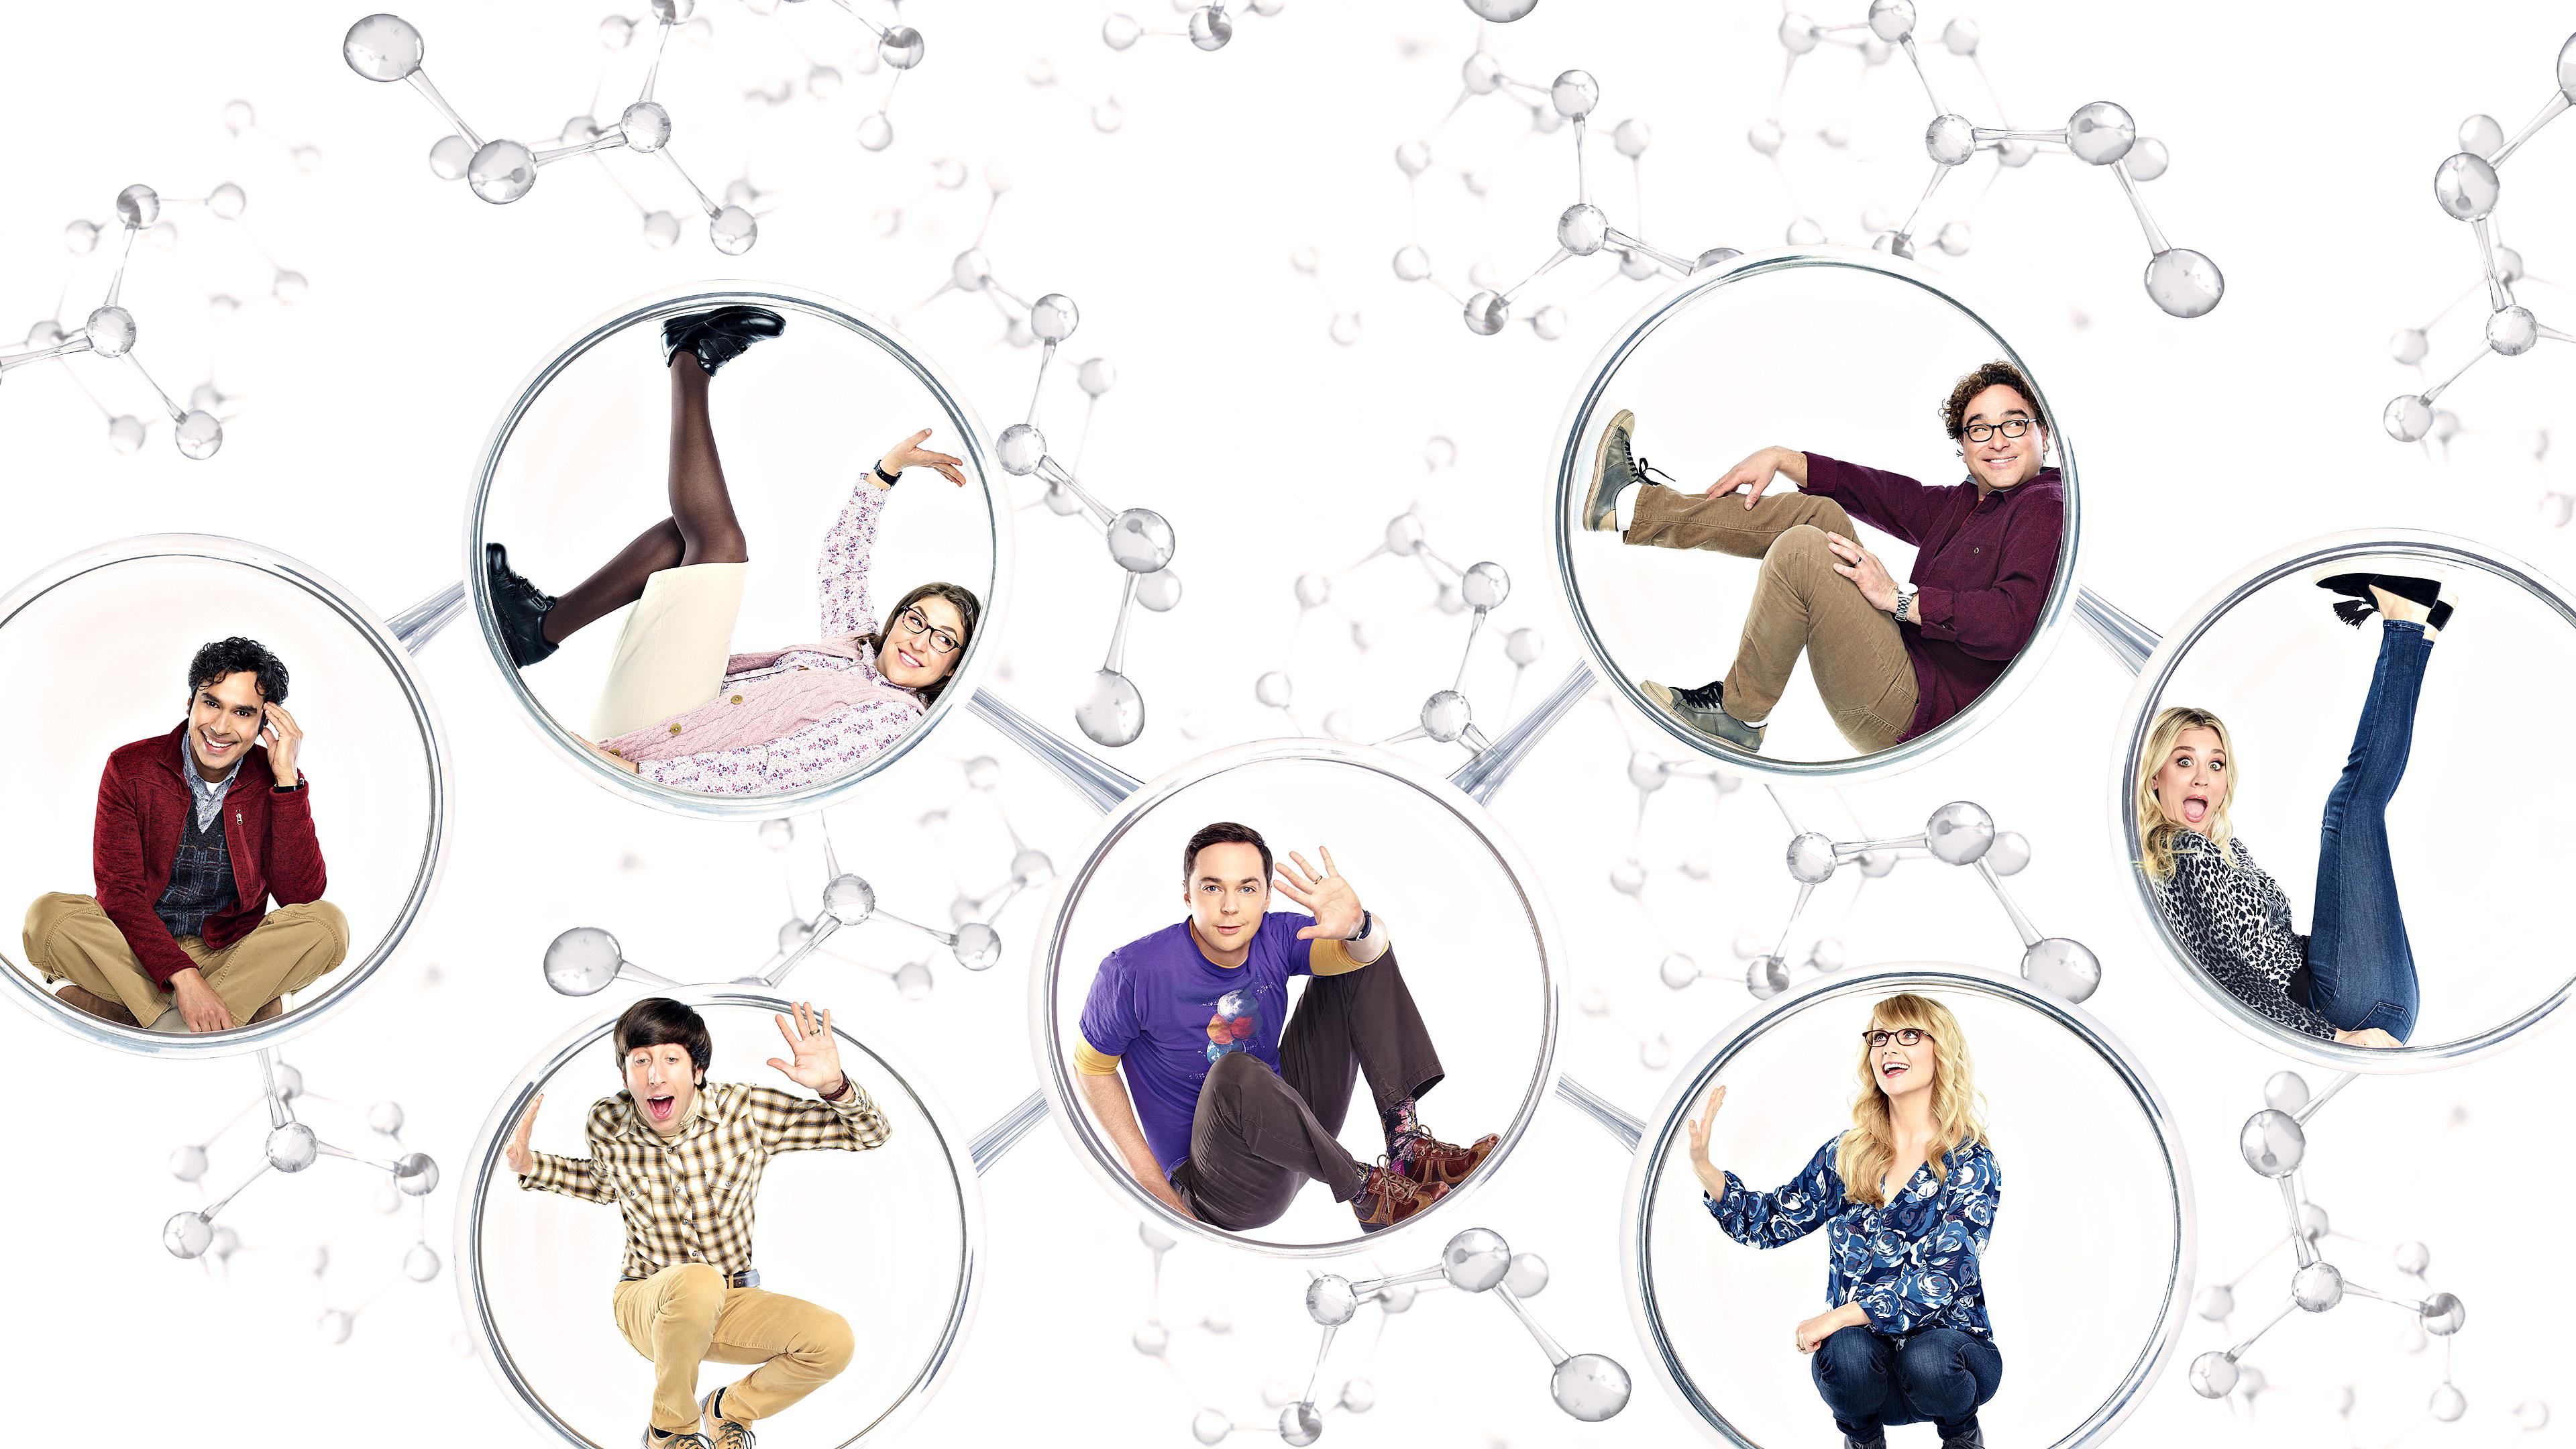 the big bang theory tv series 4k 1578253273 - The Big Bang Theory Tv Series 4k -